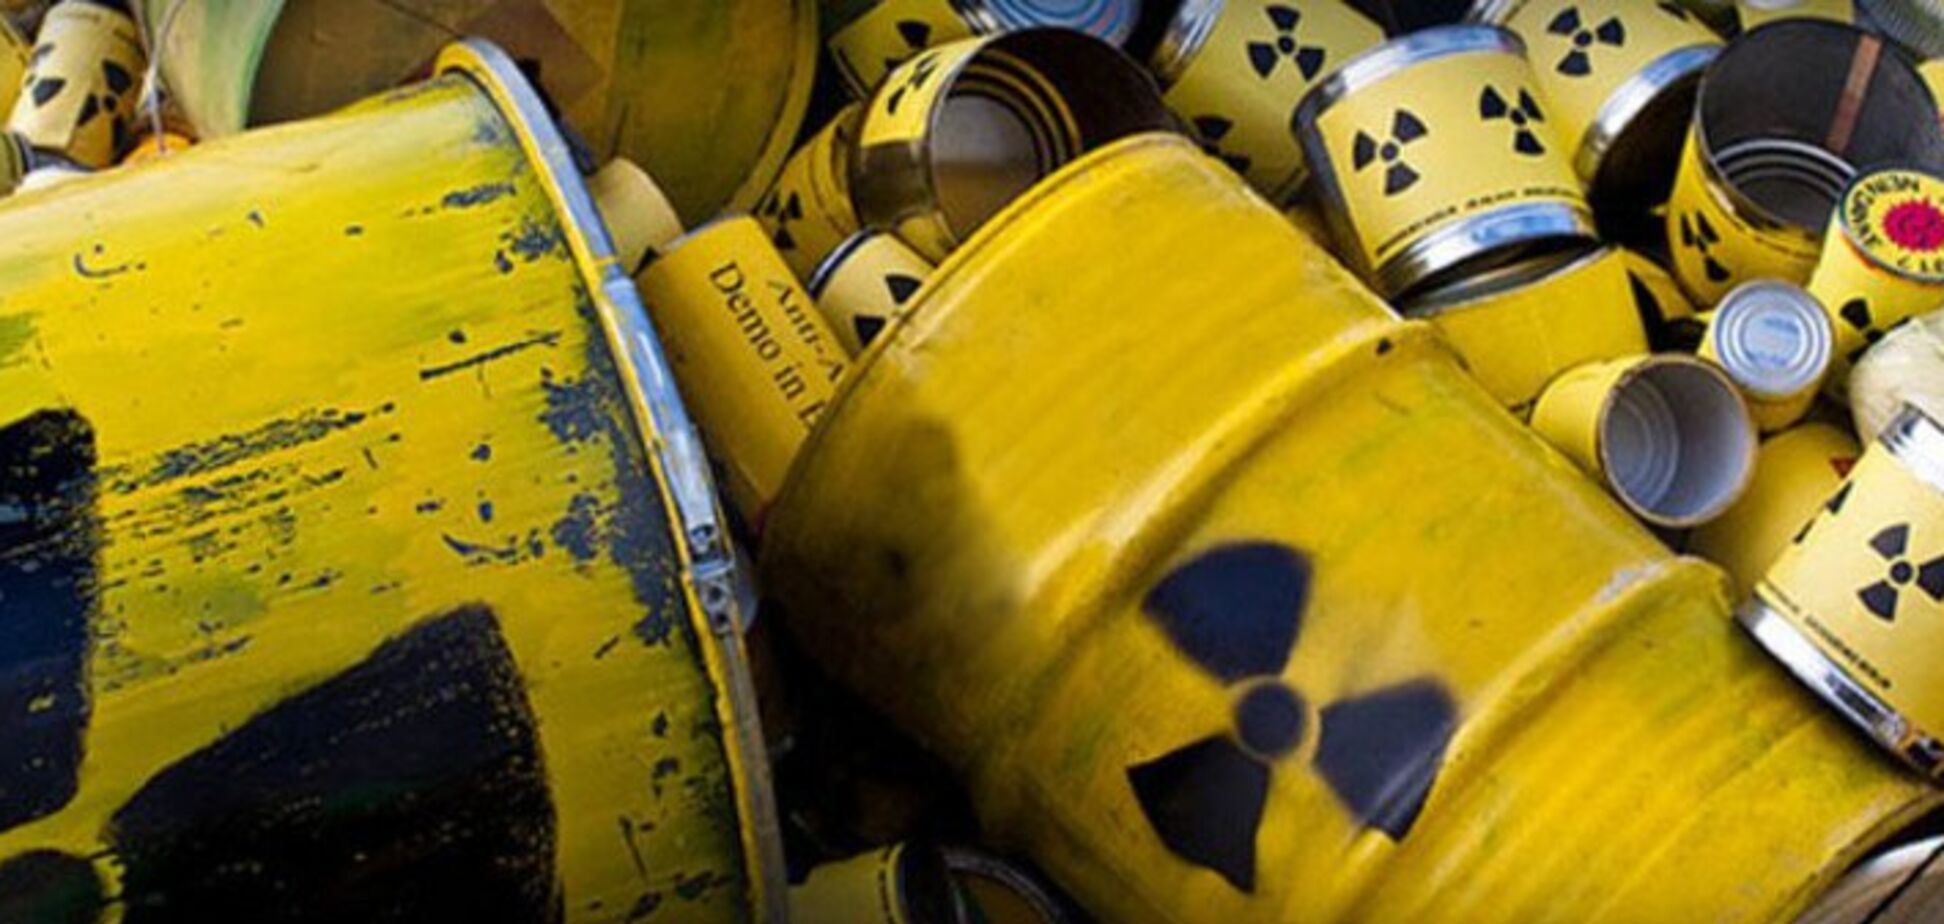 Зарабатывал на ядерных отходах: экс-чиновник обвиняется в хищении 1 млн гривень в Каменском